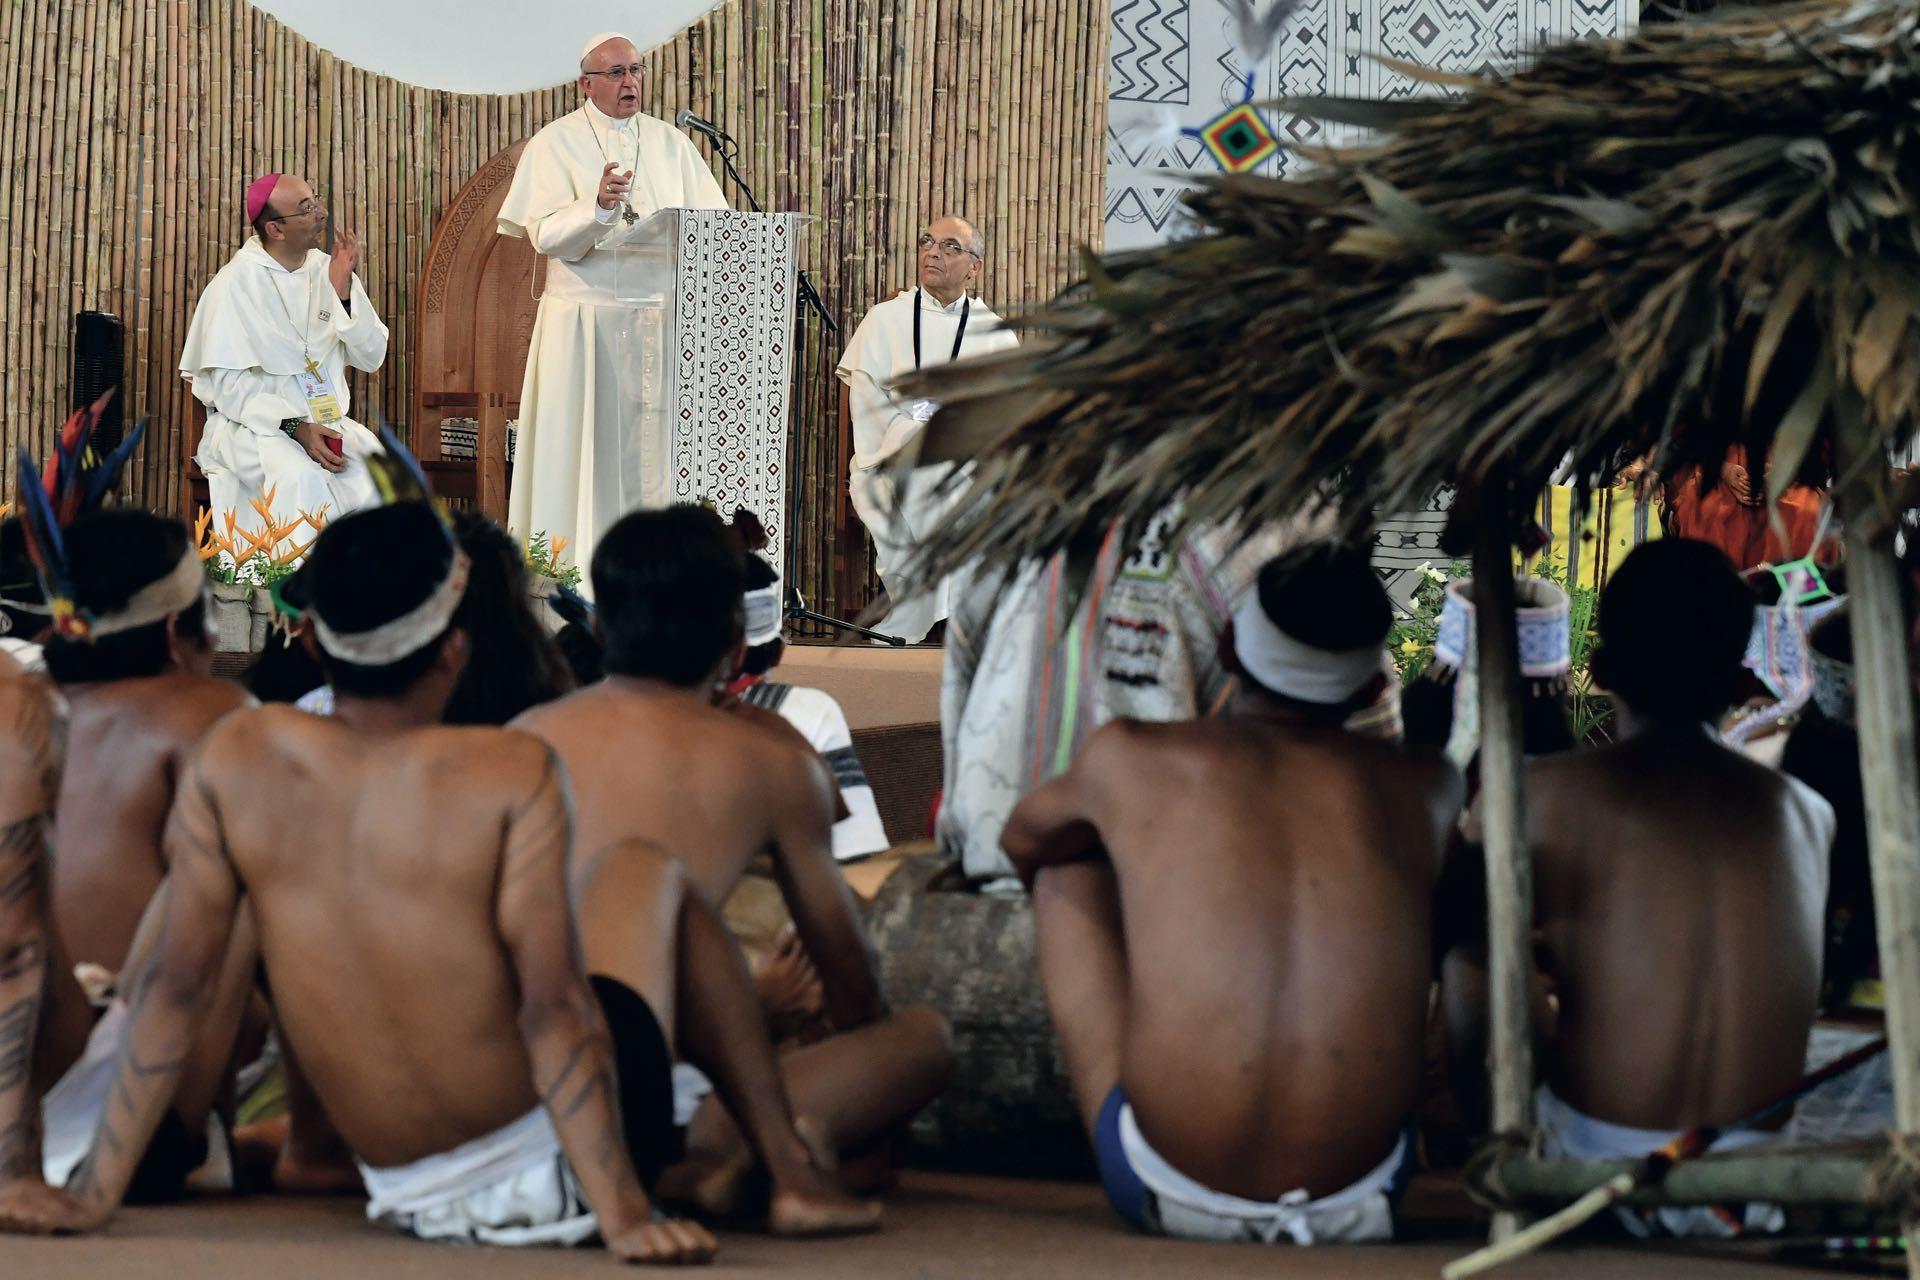 El discurso del papa a las comunidades del Amazonas de Peru, Brasil y Bolivia